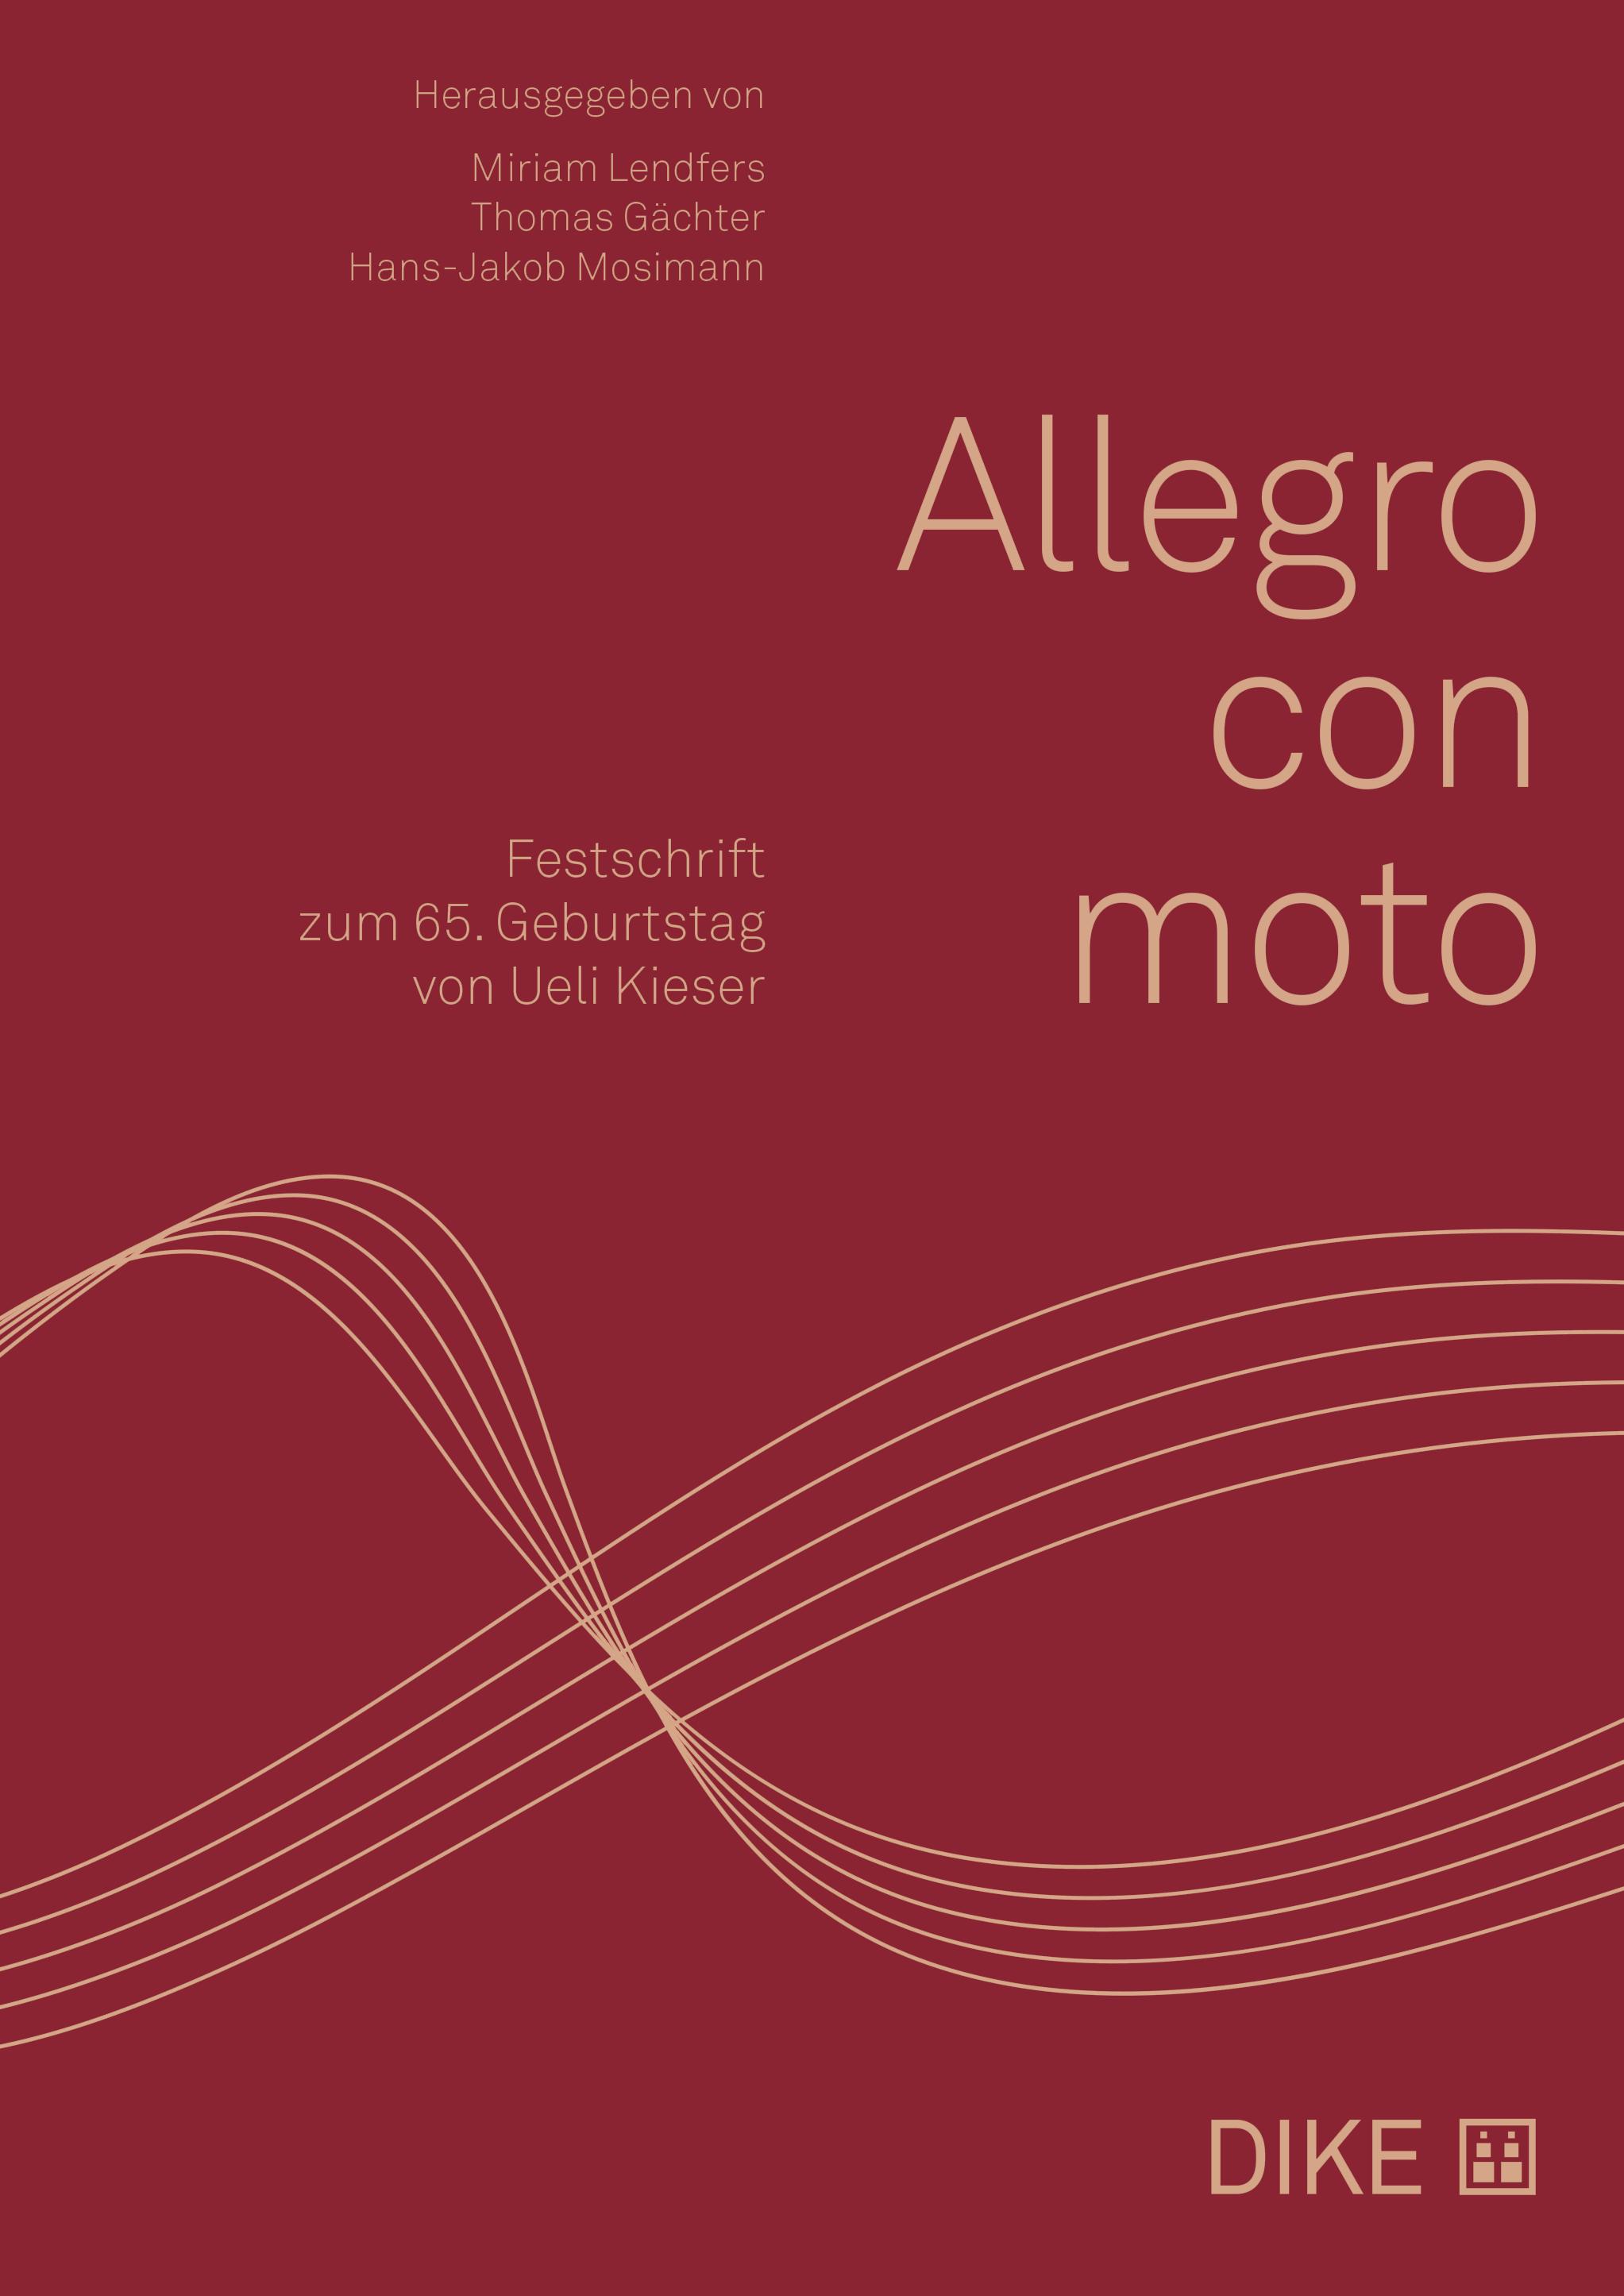 Allegro con moto